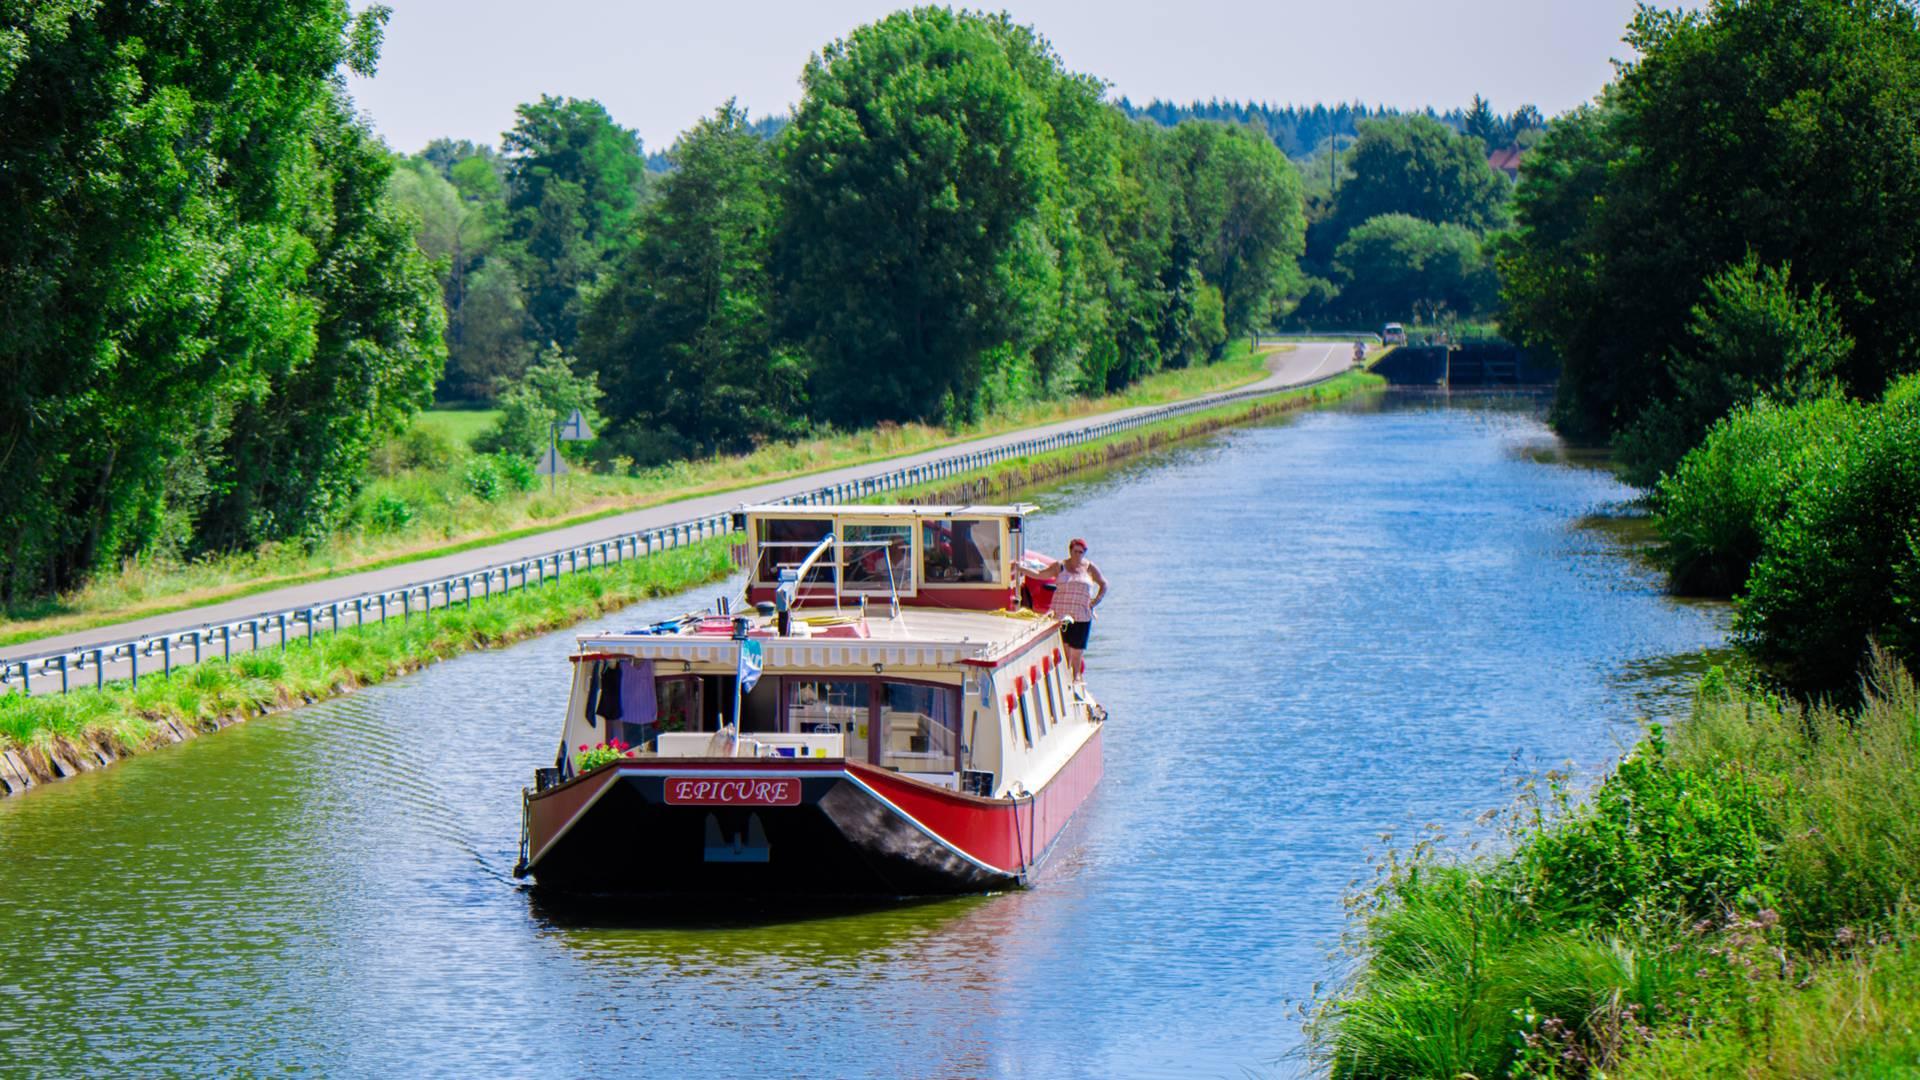 Péniche de plaisance sur le canal du Centre. © Franck Juillot - Creusot Montceau Tourisme.